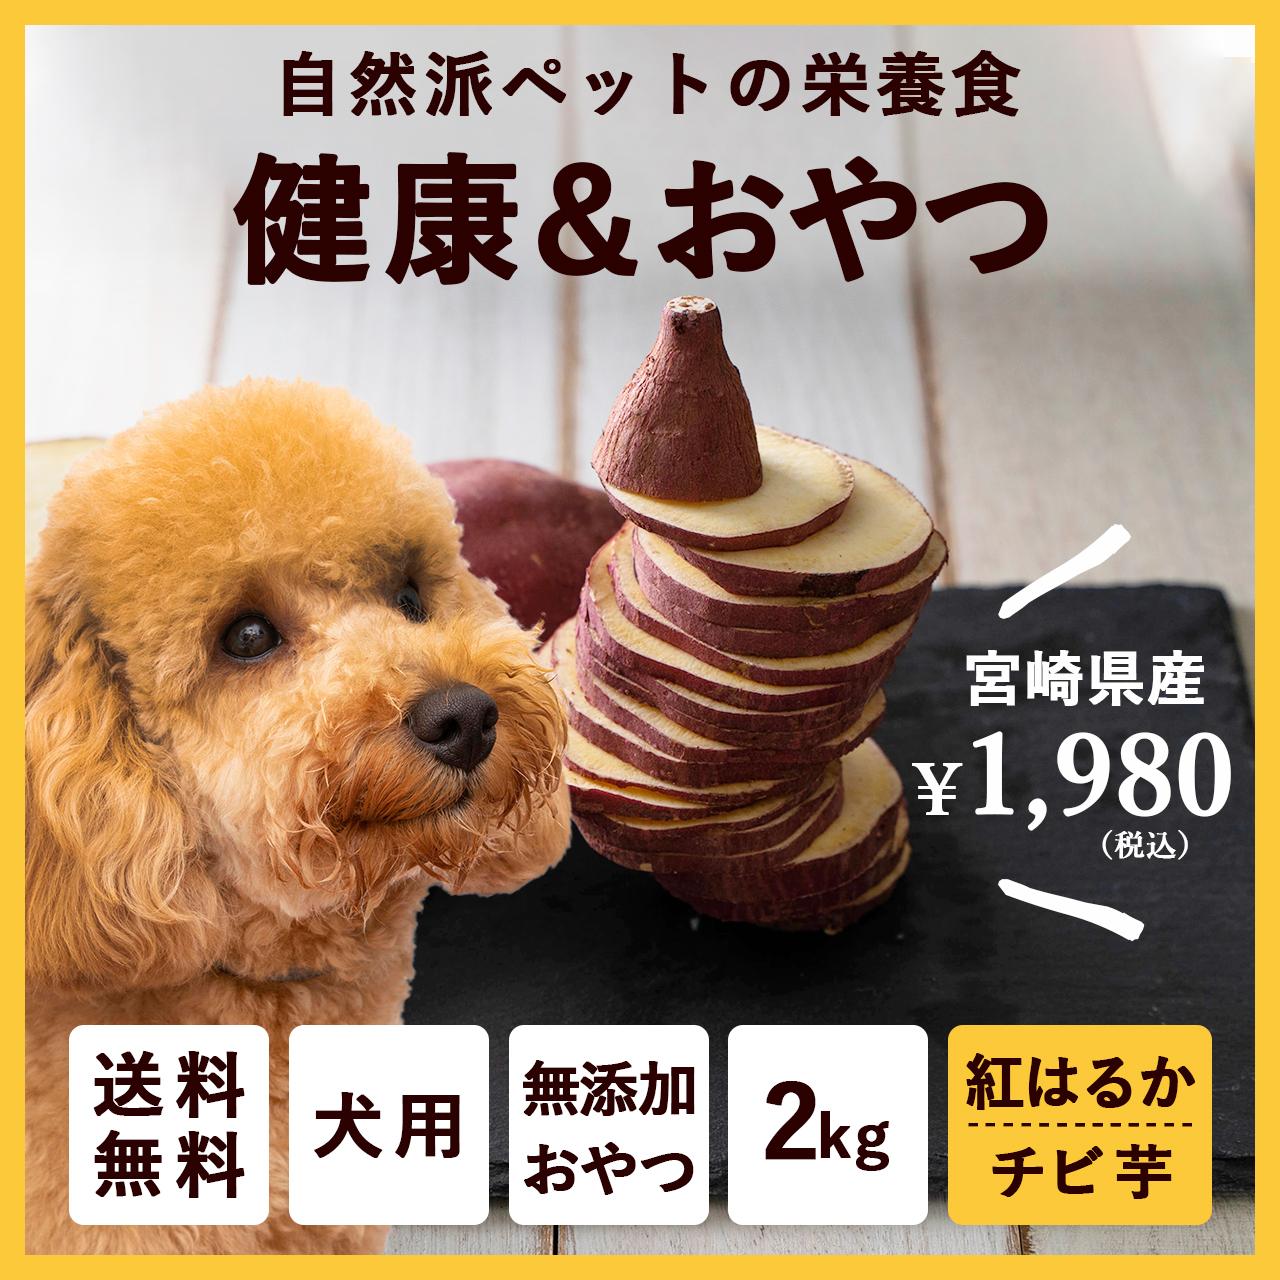 ペットのおやつ さつまいも 紅はるか 2kg 宮崎県産 熟成サツマイモ 生芋